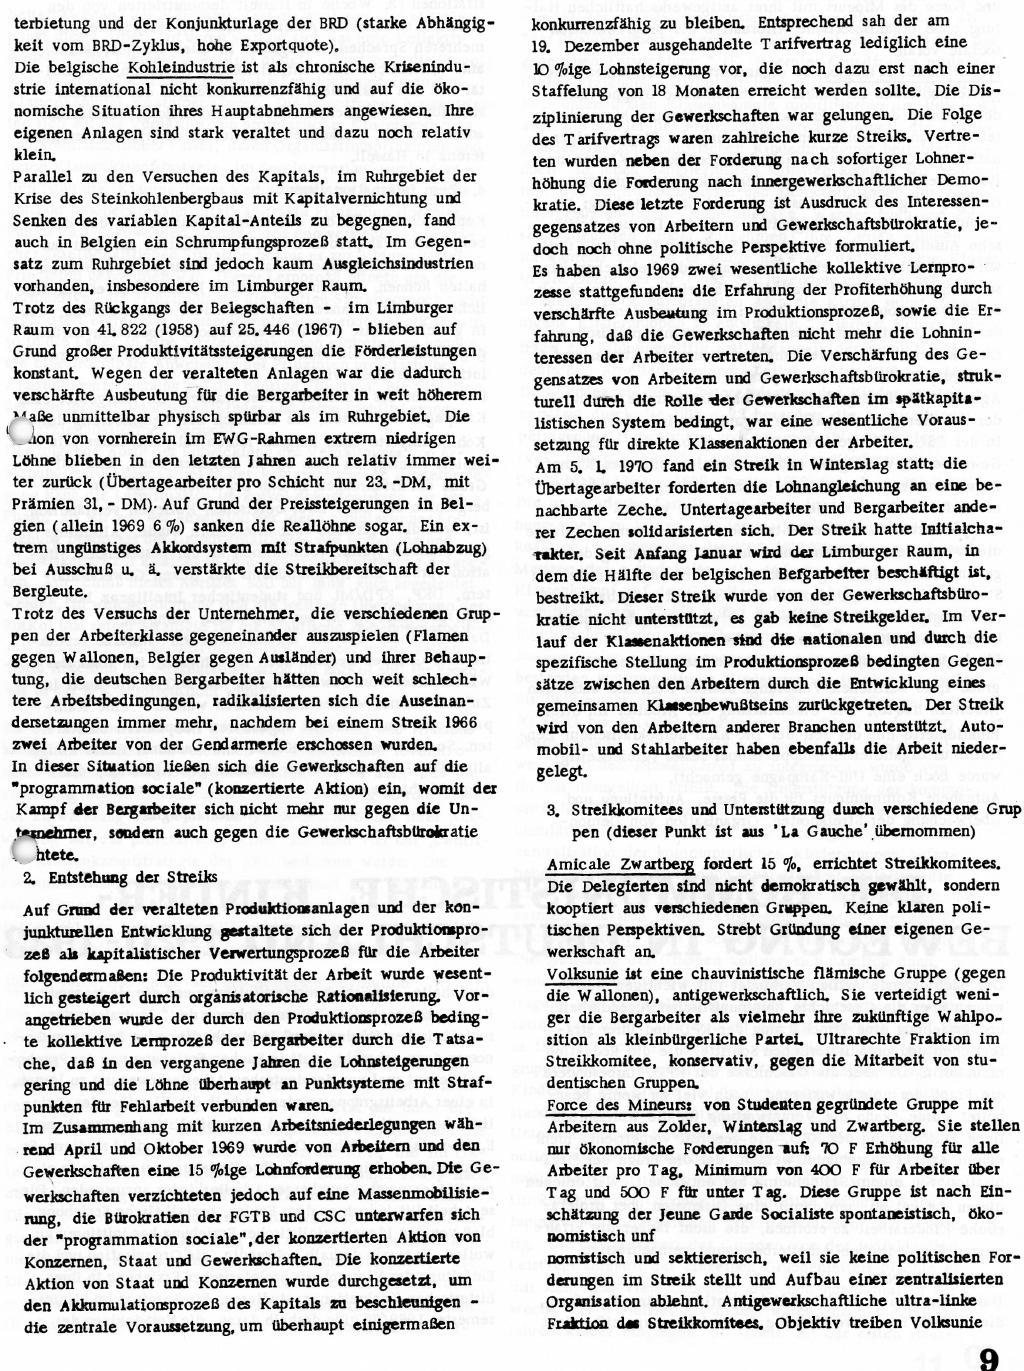 RPK_1970_052_09